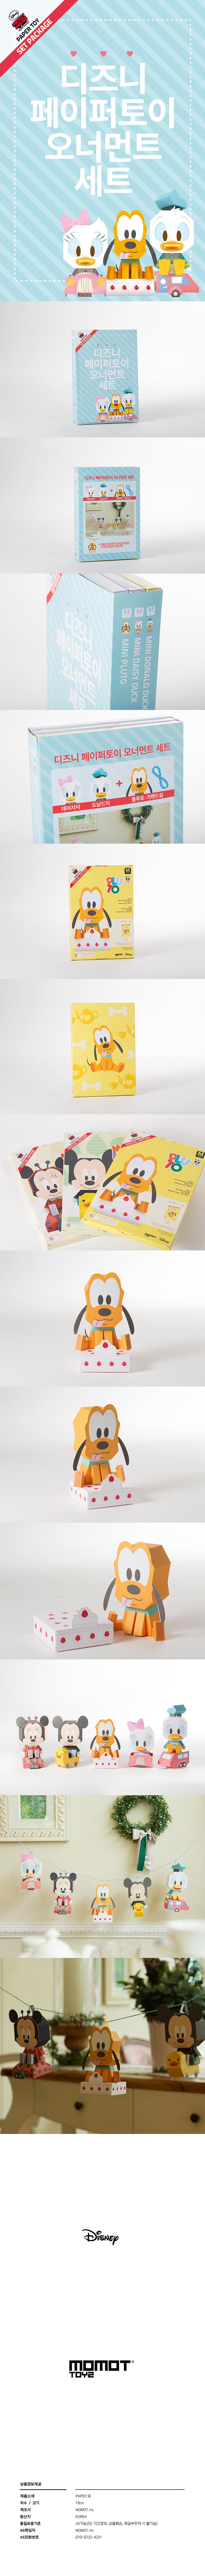 모모트-디즈니-도널드 플루토 세트 M-SIZE - 모모트, 25,000원, 페이퍼 토이, 캐릭터